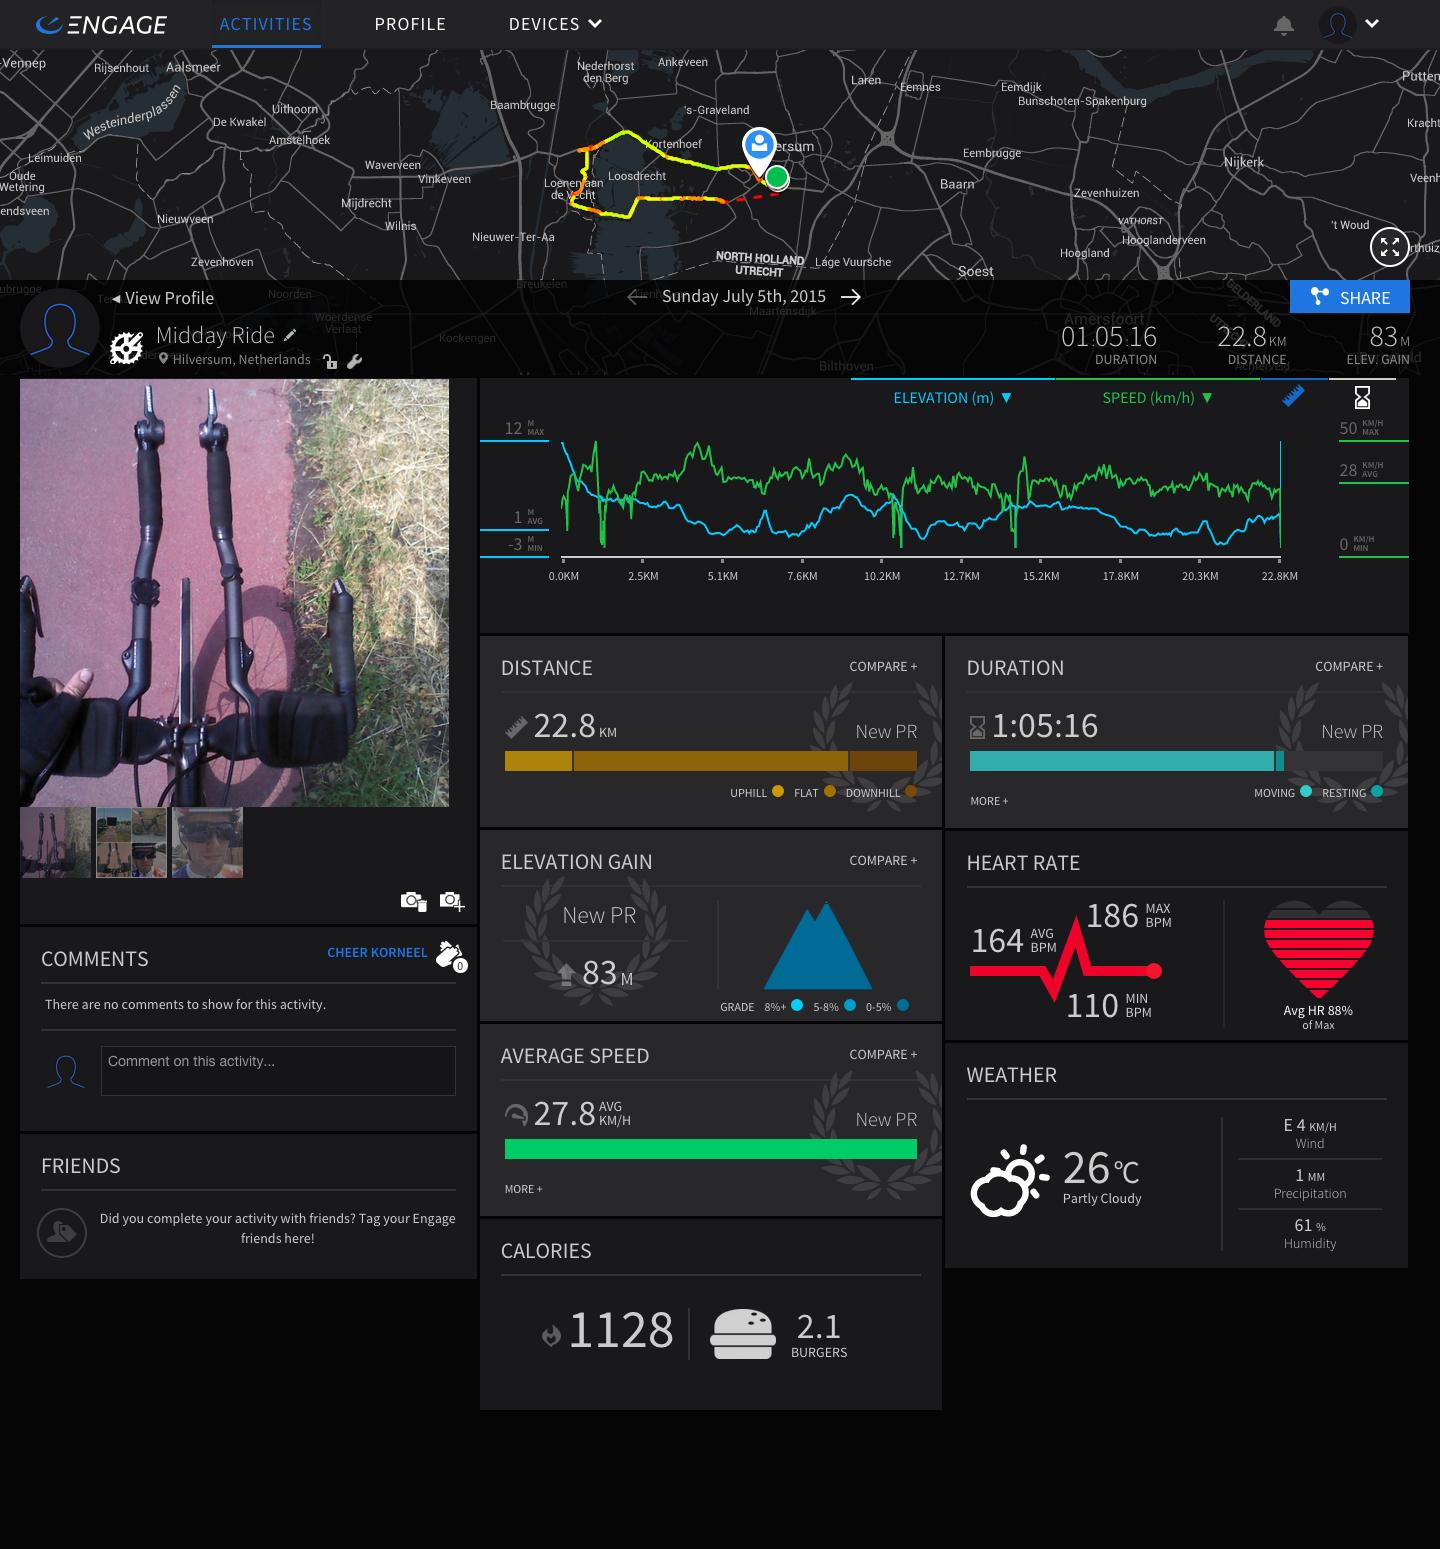 Engage Ride Data Screenshot